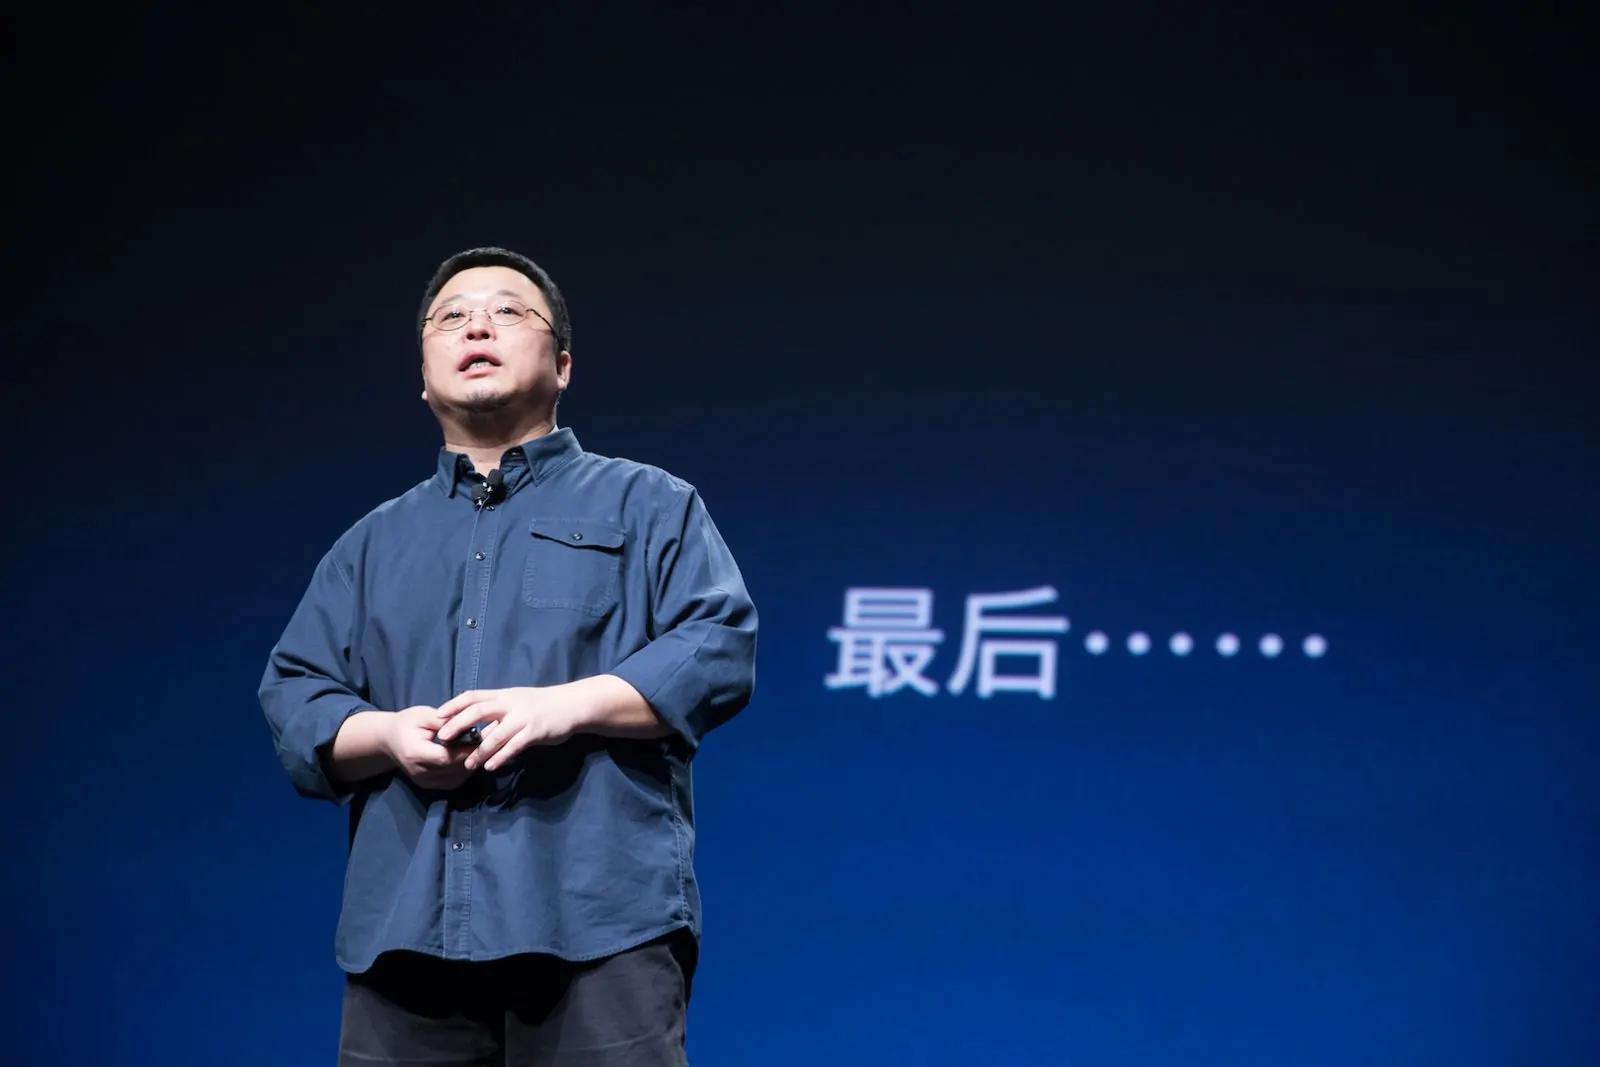 中国启动5G商用;腾讯表示没有整体裁撤火锅视频团队;苹果提拔五位高管为副总裁;格力否认不做手机;腾讯分析工具PerfDog面向全球发布;坚果手机整合进入字节跳动 | Q资讯